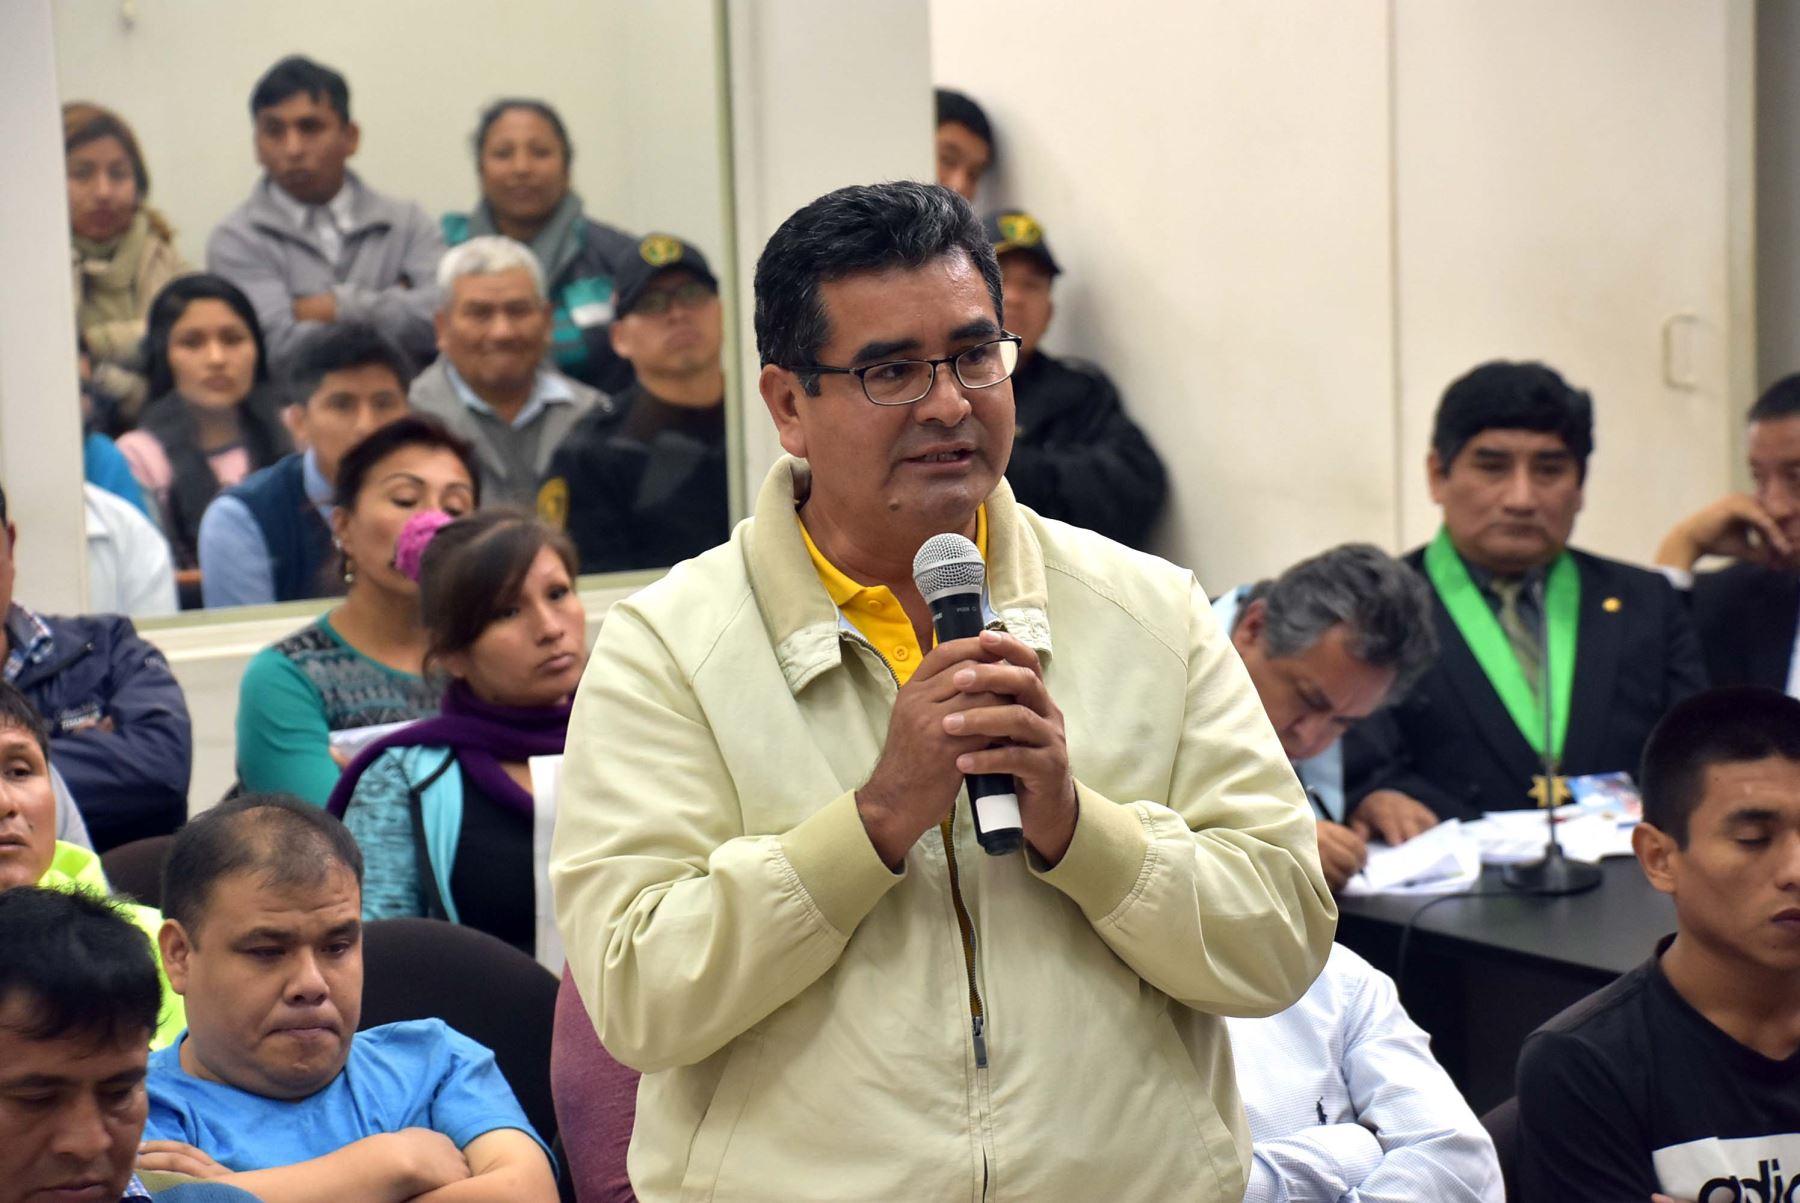 El exgobernador regional de Áncash, César Álvarez Aguilar, tras ser hallado culpable del delito de colusión agravada, referido a la ejecución de la obra de construcción del estadio Rosas Pampa de Huaraz.ANDINA/Difusión